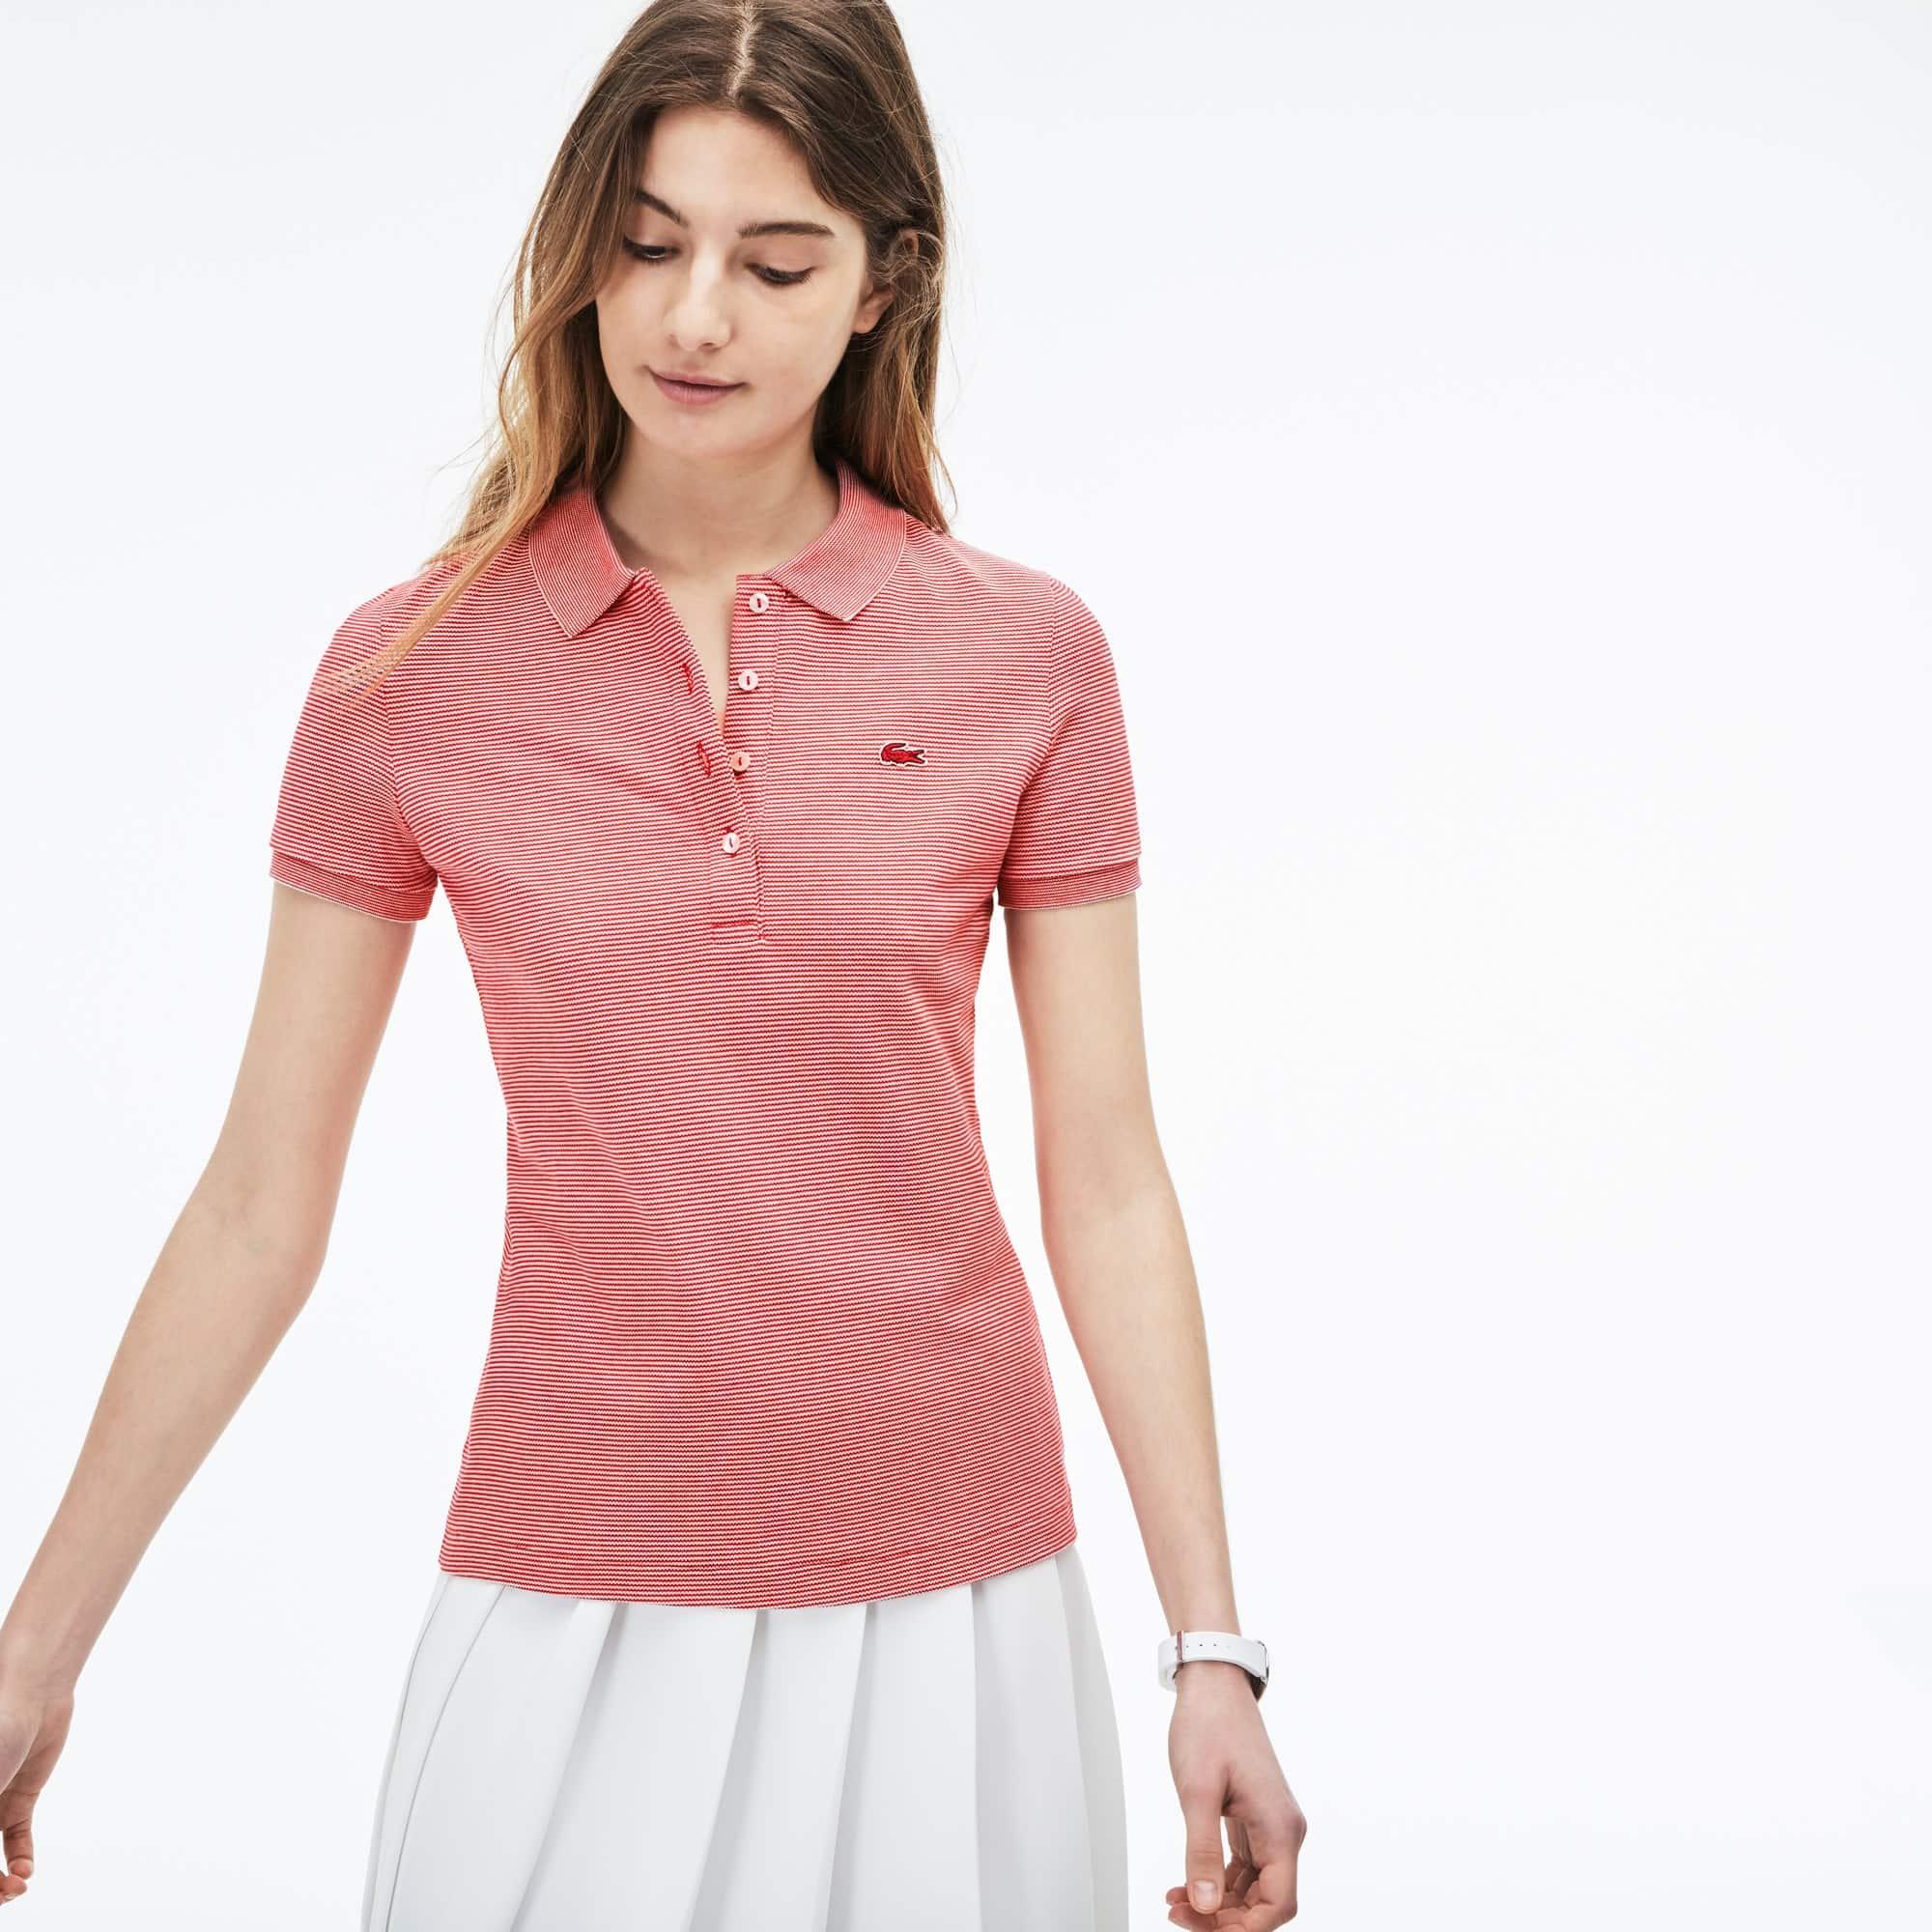 8d3d626e2b0 Camisa Polo Lacoste Slim Fit Feminina em Minipiqué Stretch com Listras ...